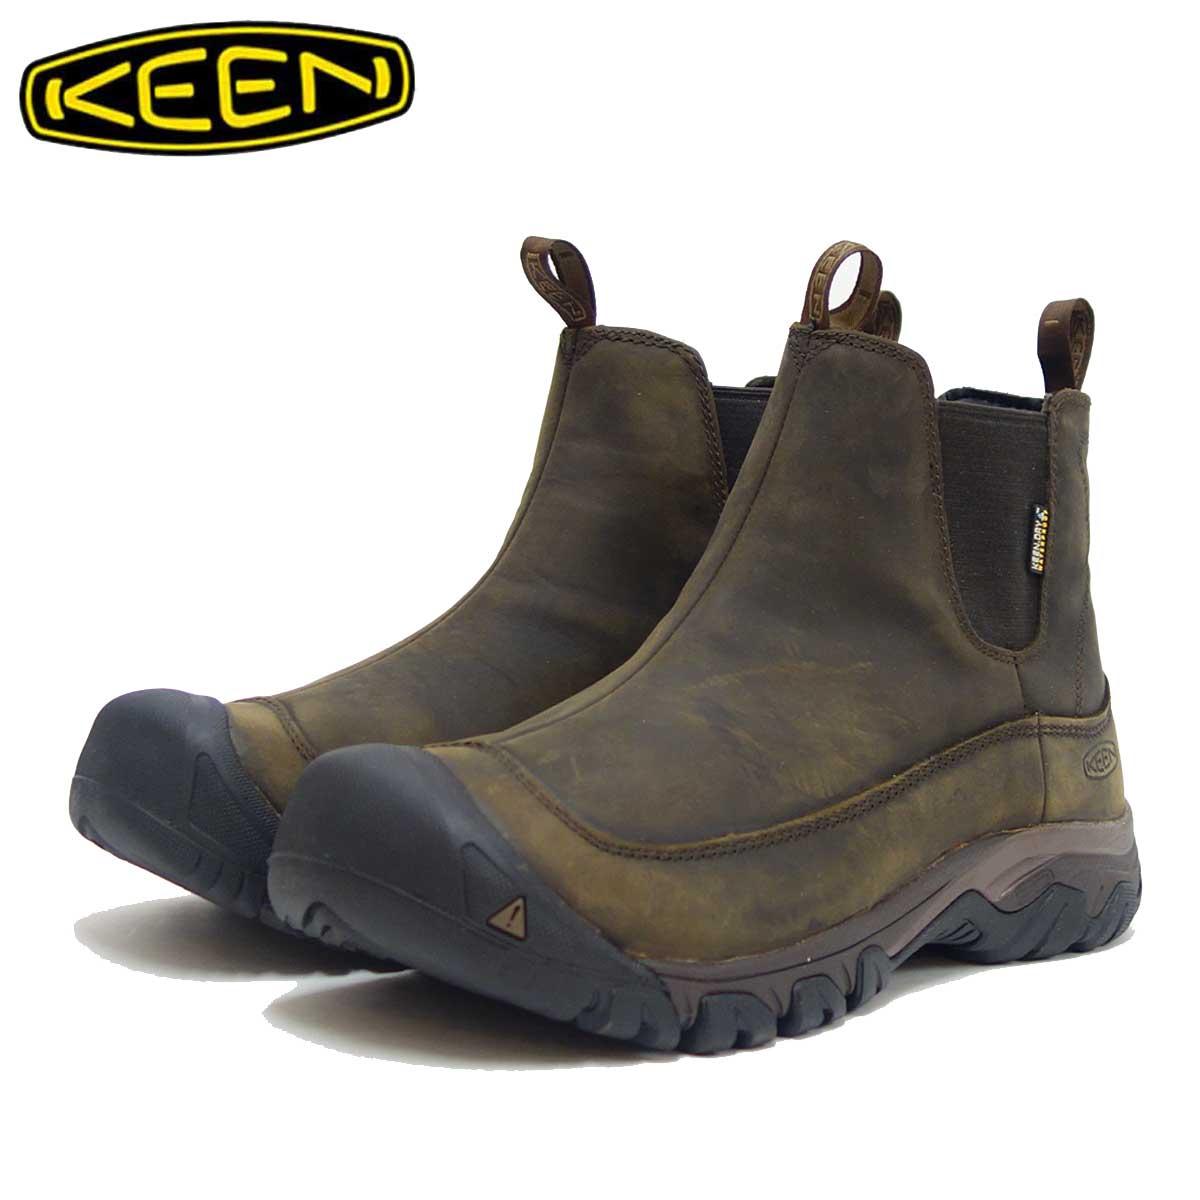 キーン KEEN アンカレッジ ブーツ スリー ウォータープルーフ 1017790 ダークアース(メンズ) 「靴」